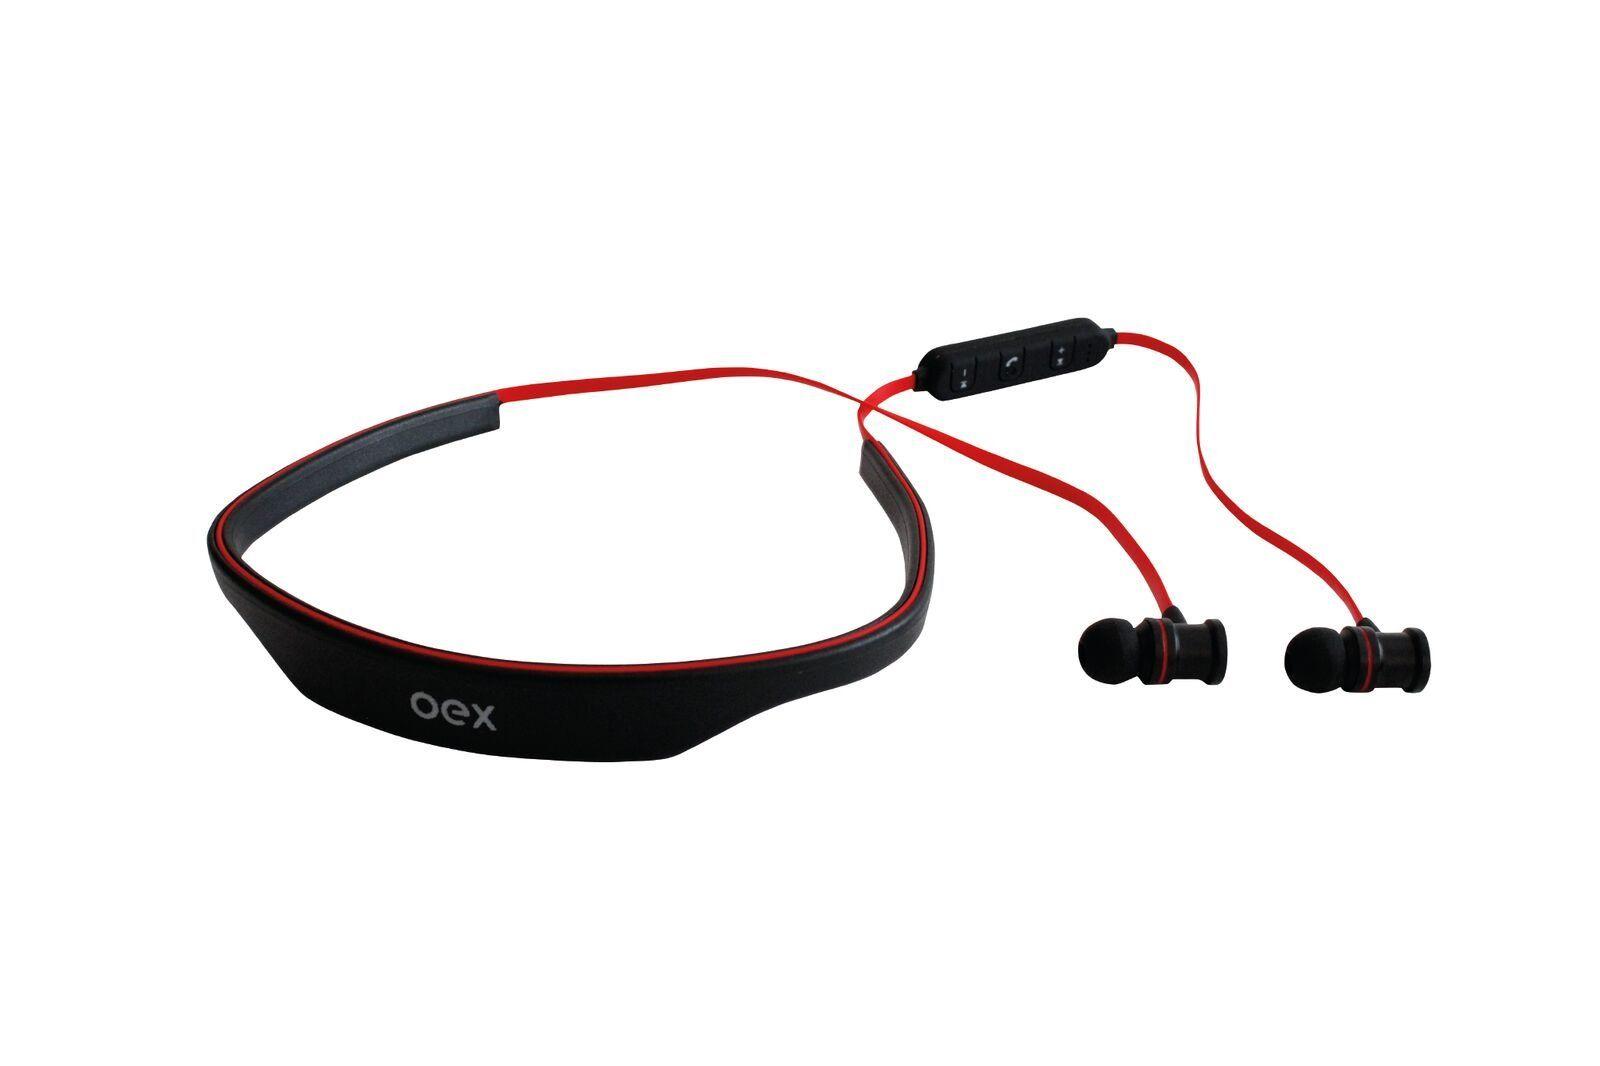 Fone de Ouvido Esportivo Bluetooth HS302 Preto/Laranja - OEX